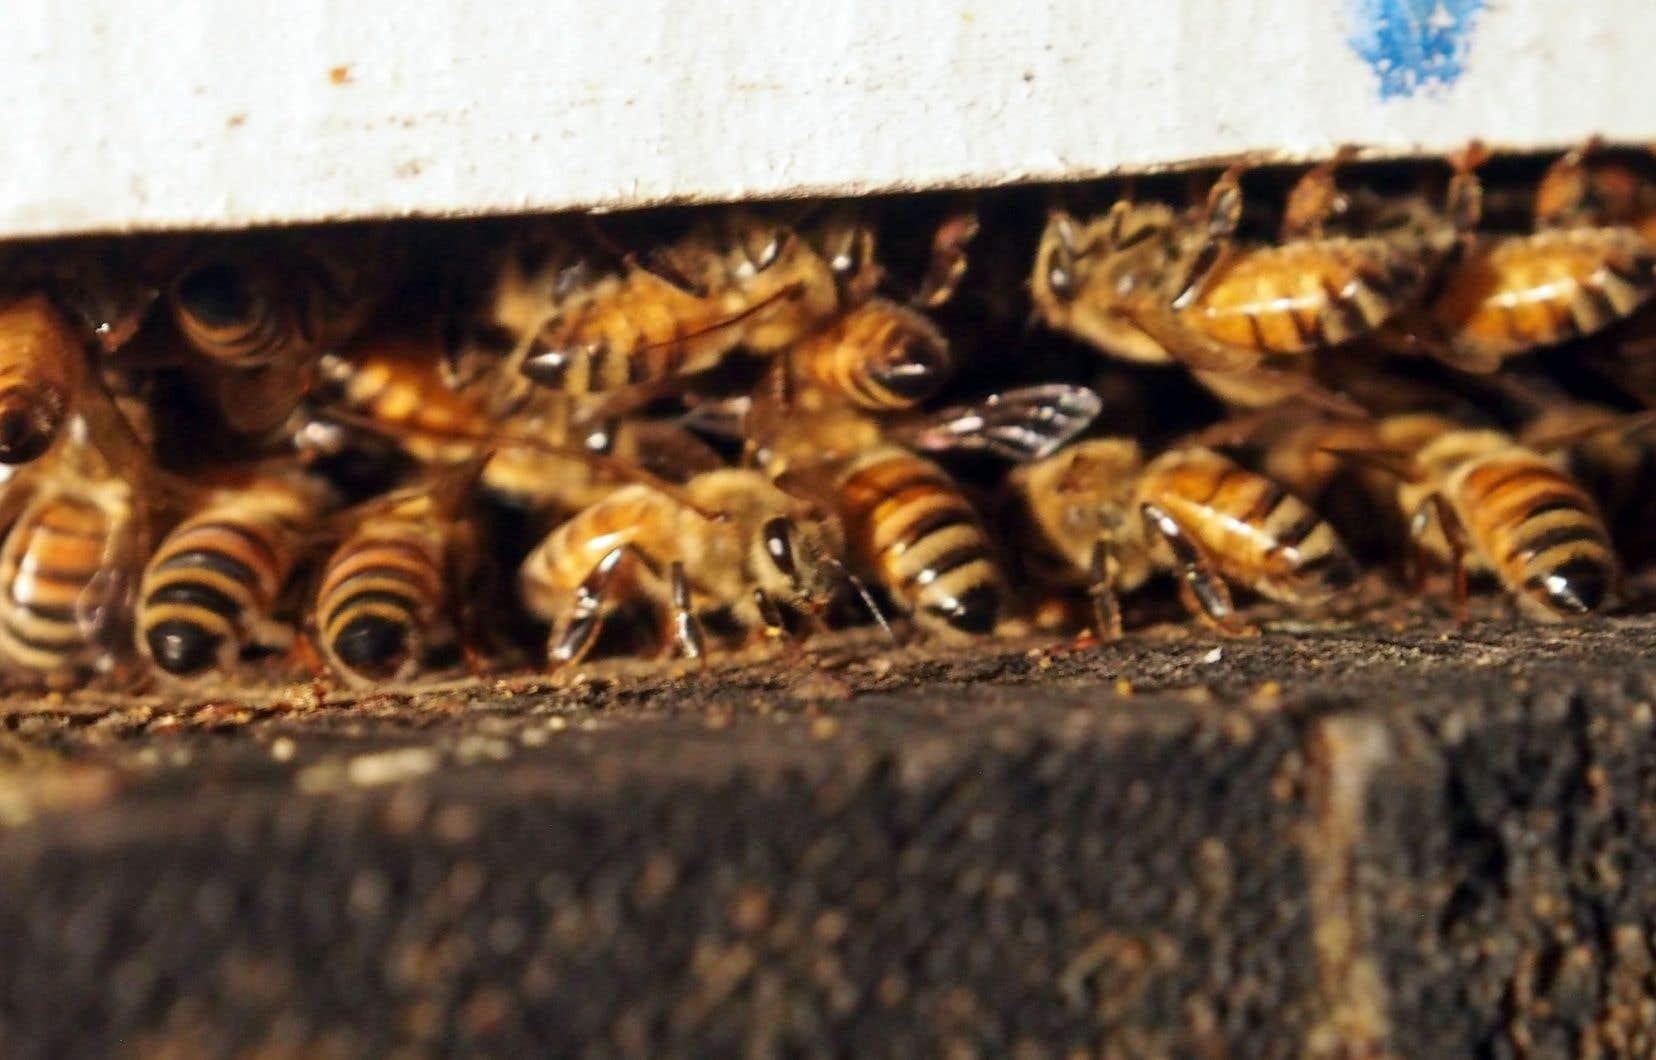 Les abeilles en activité, même l'hiver, dégagent de la chaleur qui est récupérée pour chauffer la serre.